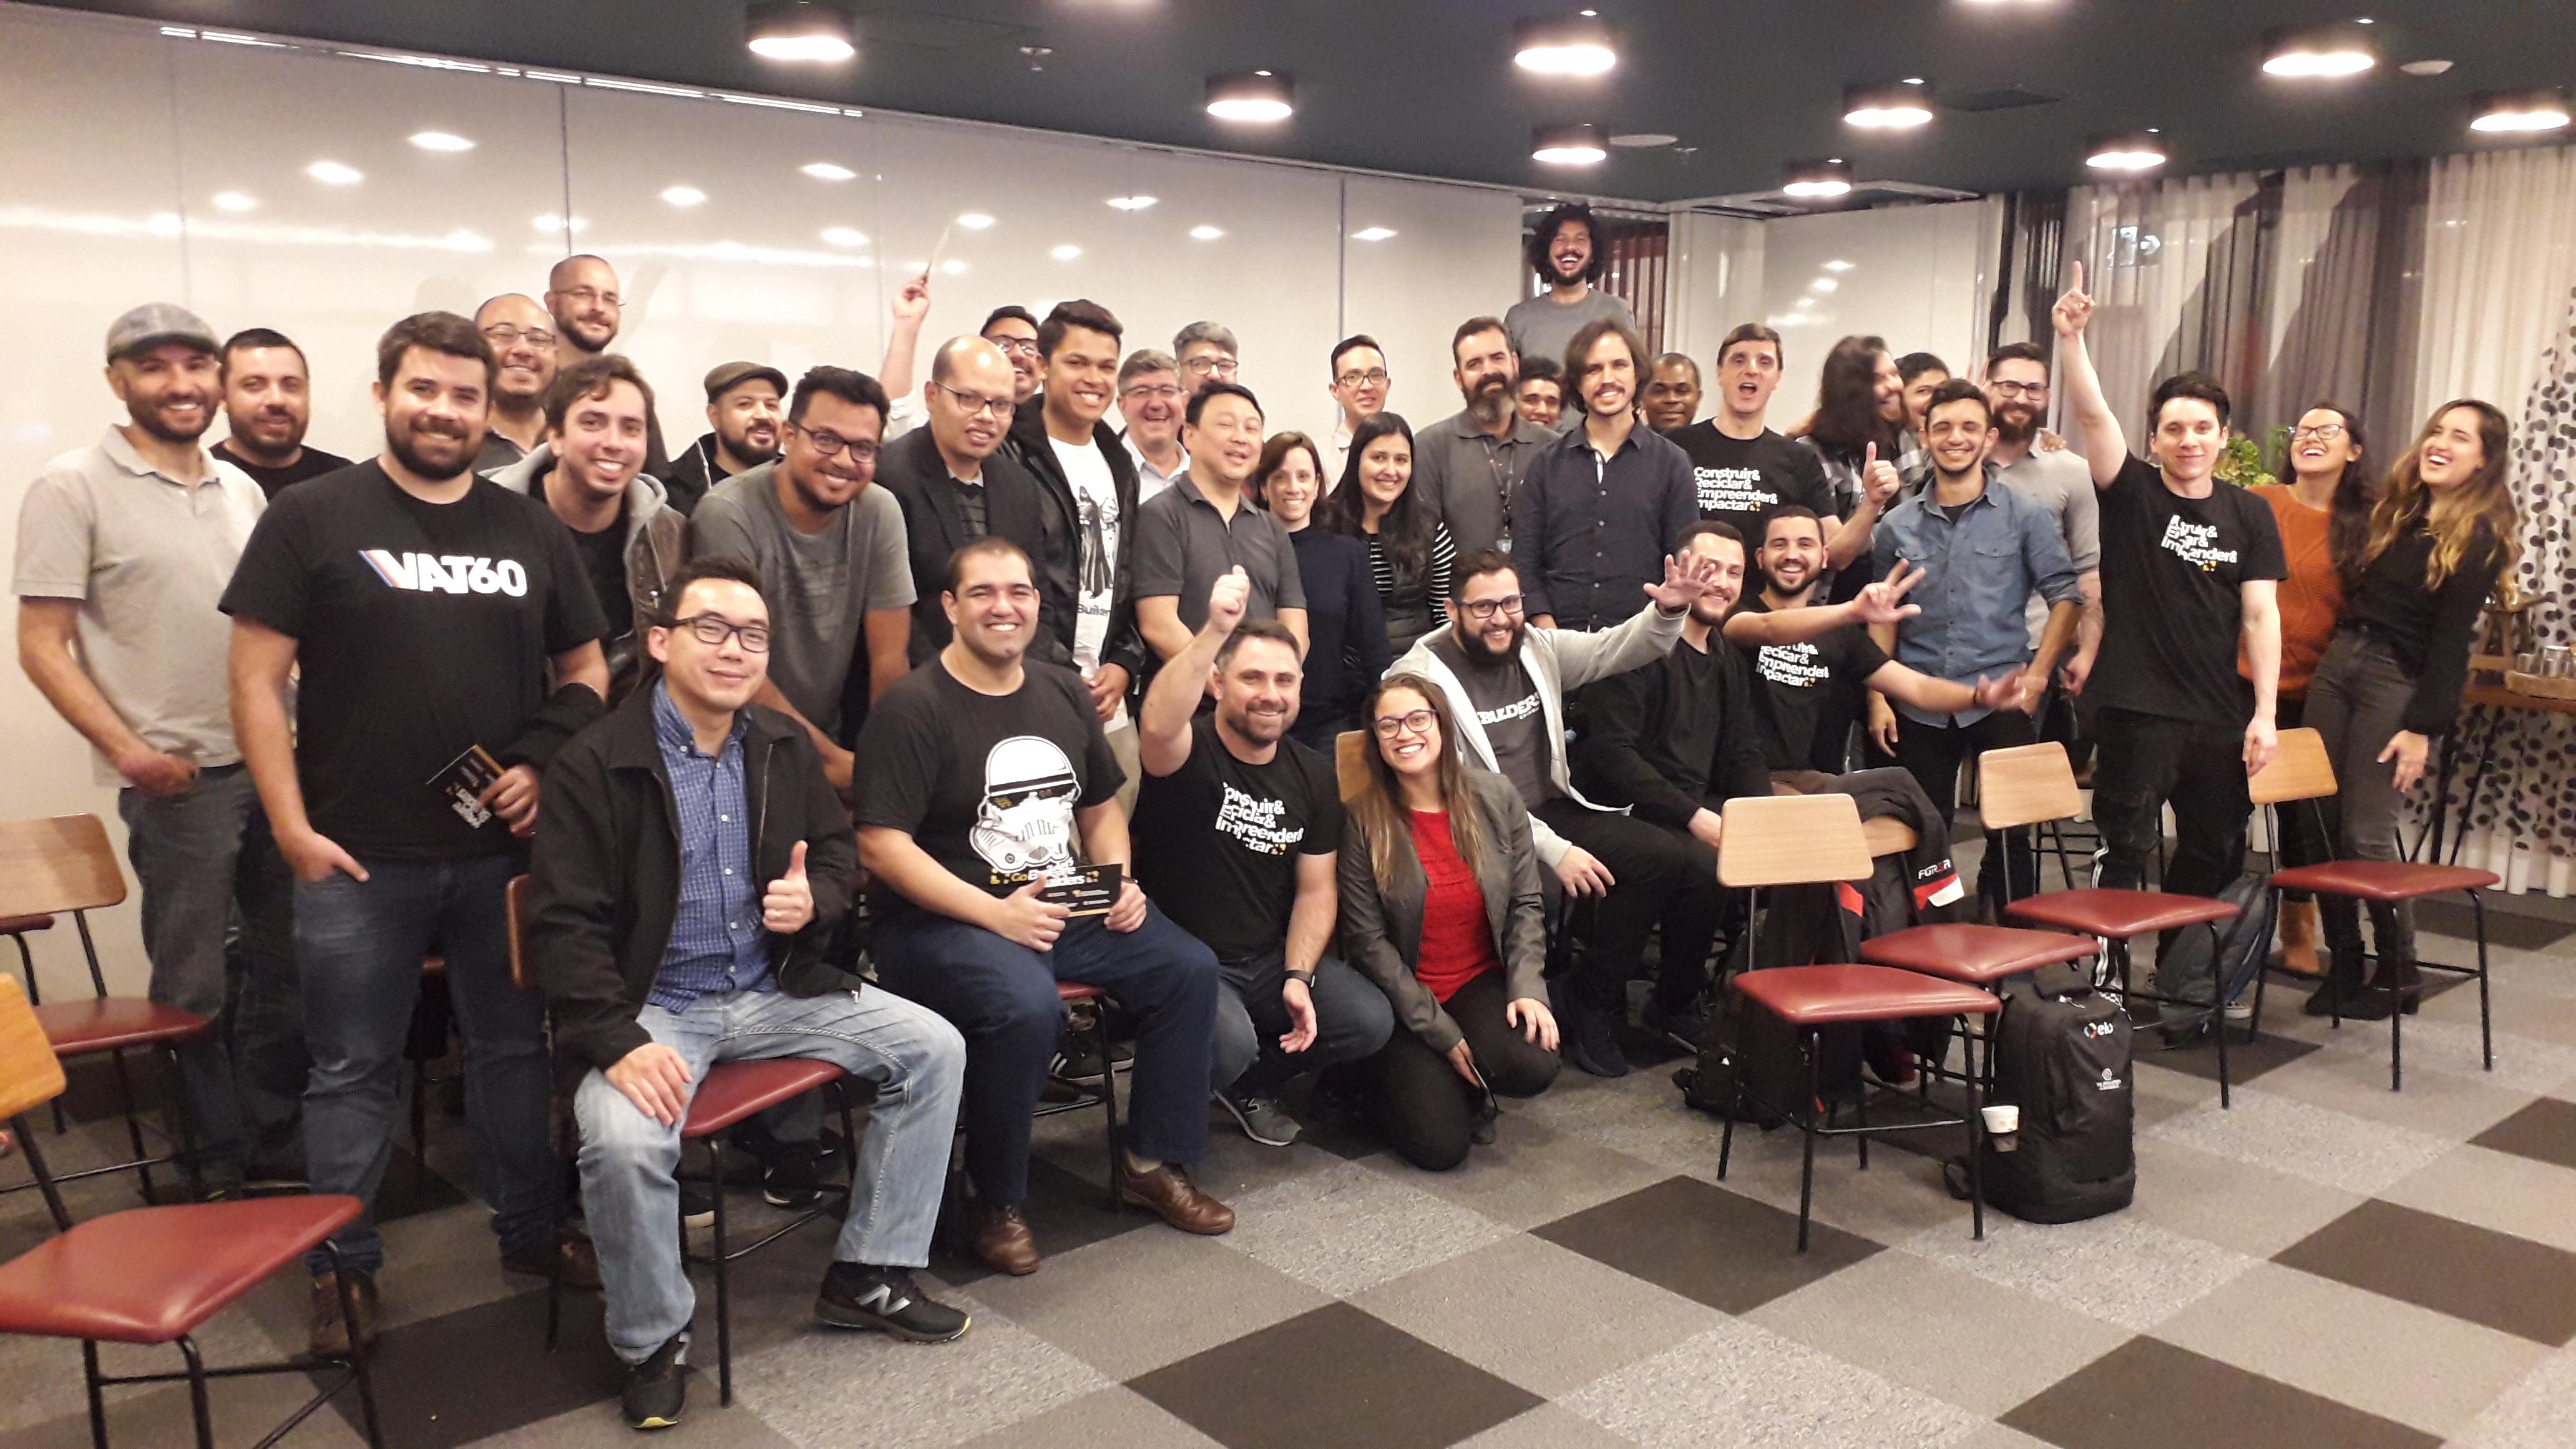 Por dentro do primeiro Builders Talks: Squads mais eficientes com DevOps